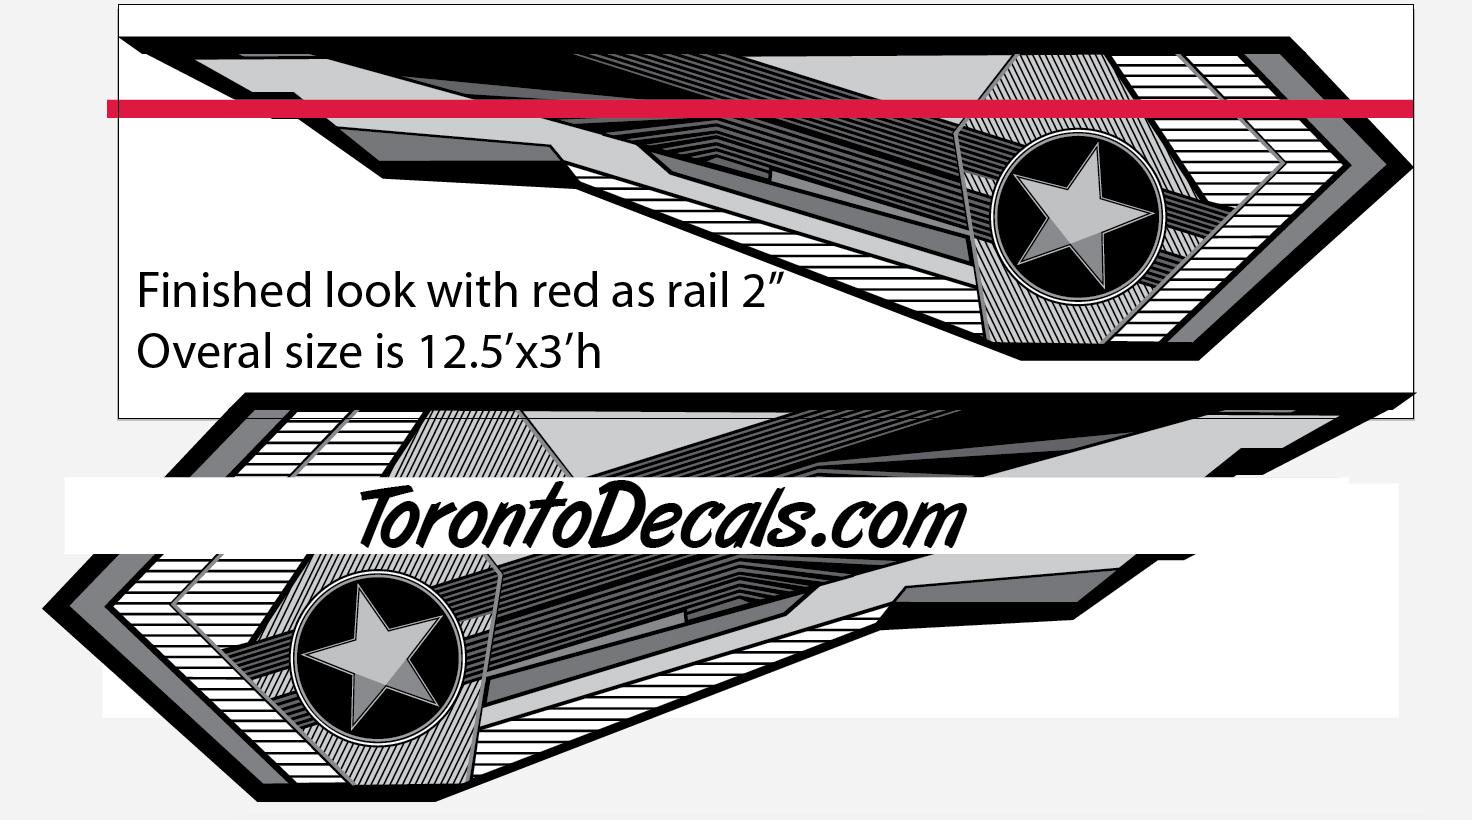 Tige Boat Graphic KitsTige Boat Vinyl Kits Tige RZ Boat Decals - Boat decals custom graphics